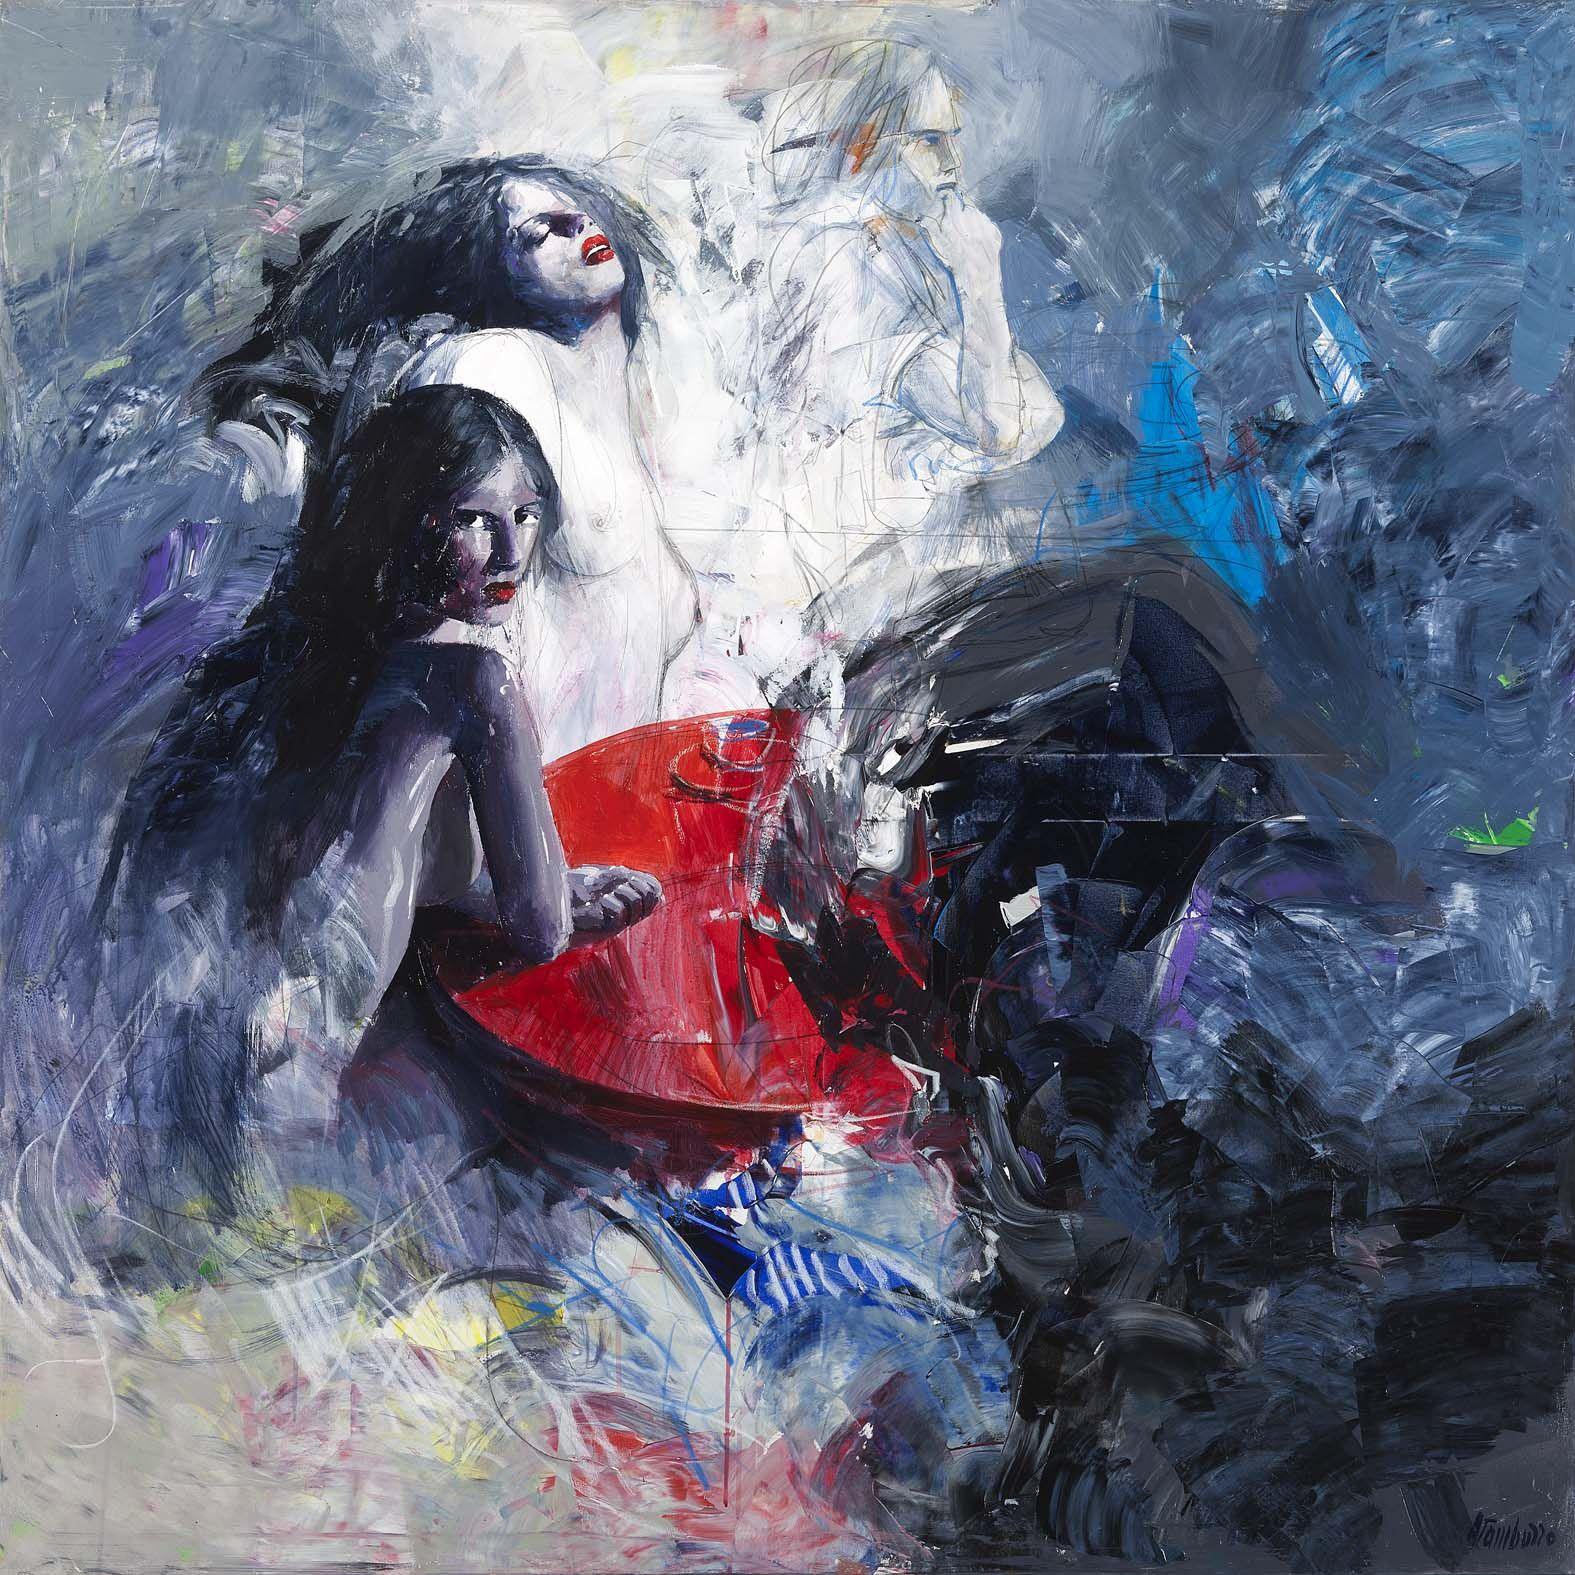 Artiste Peintre Contemporain Toulouse antonio tamburro - galerie alain daudet toulouse, france